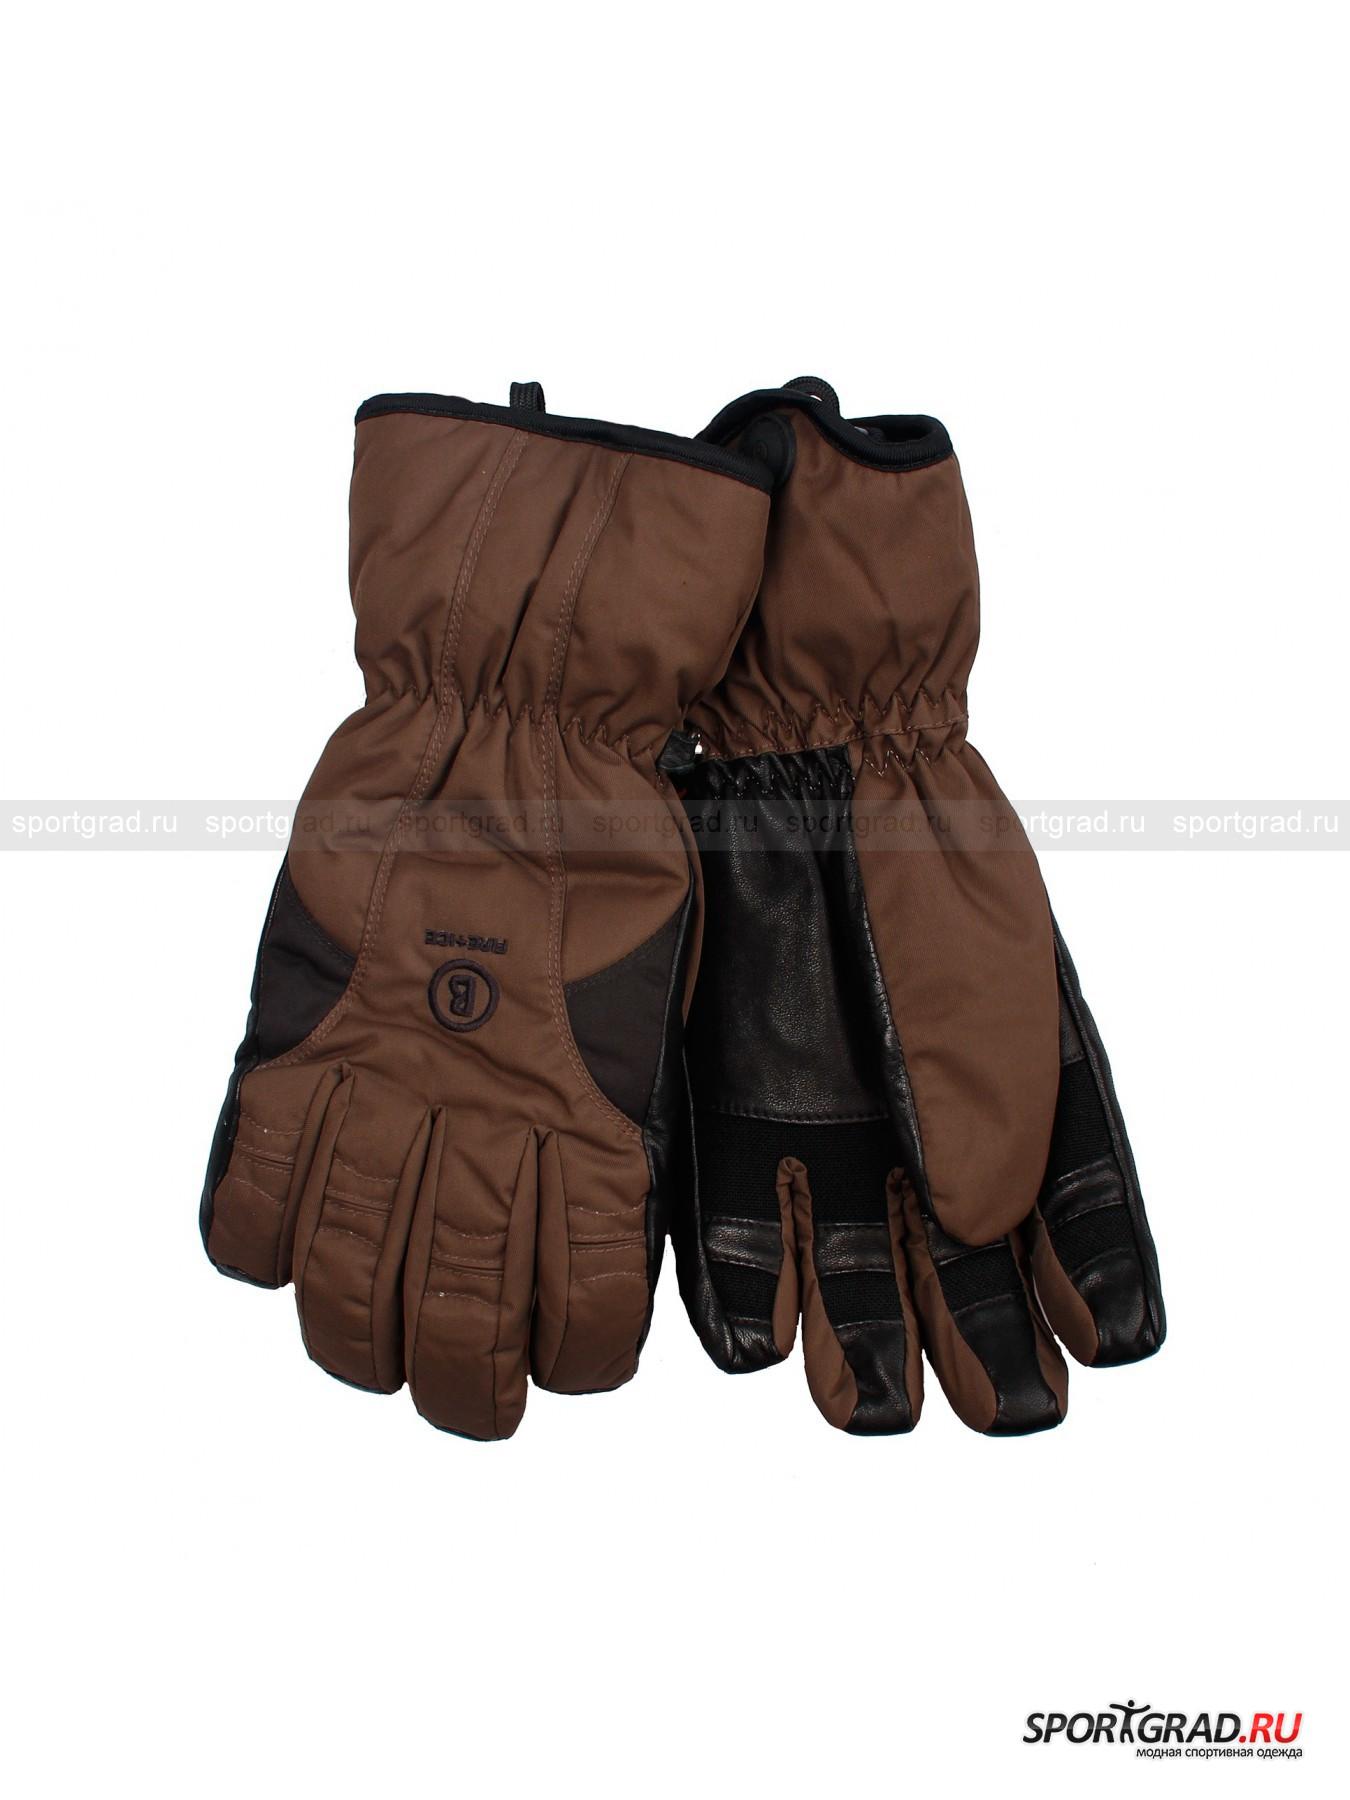 Перчатки женские BOGNER Luella от Спортград